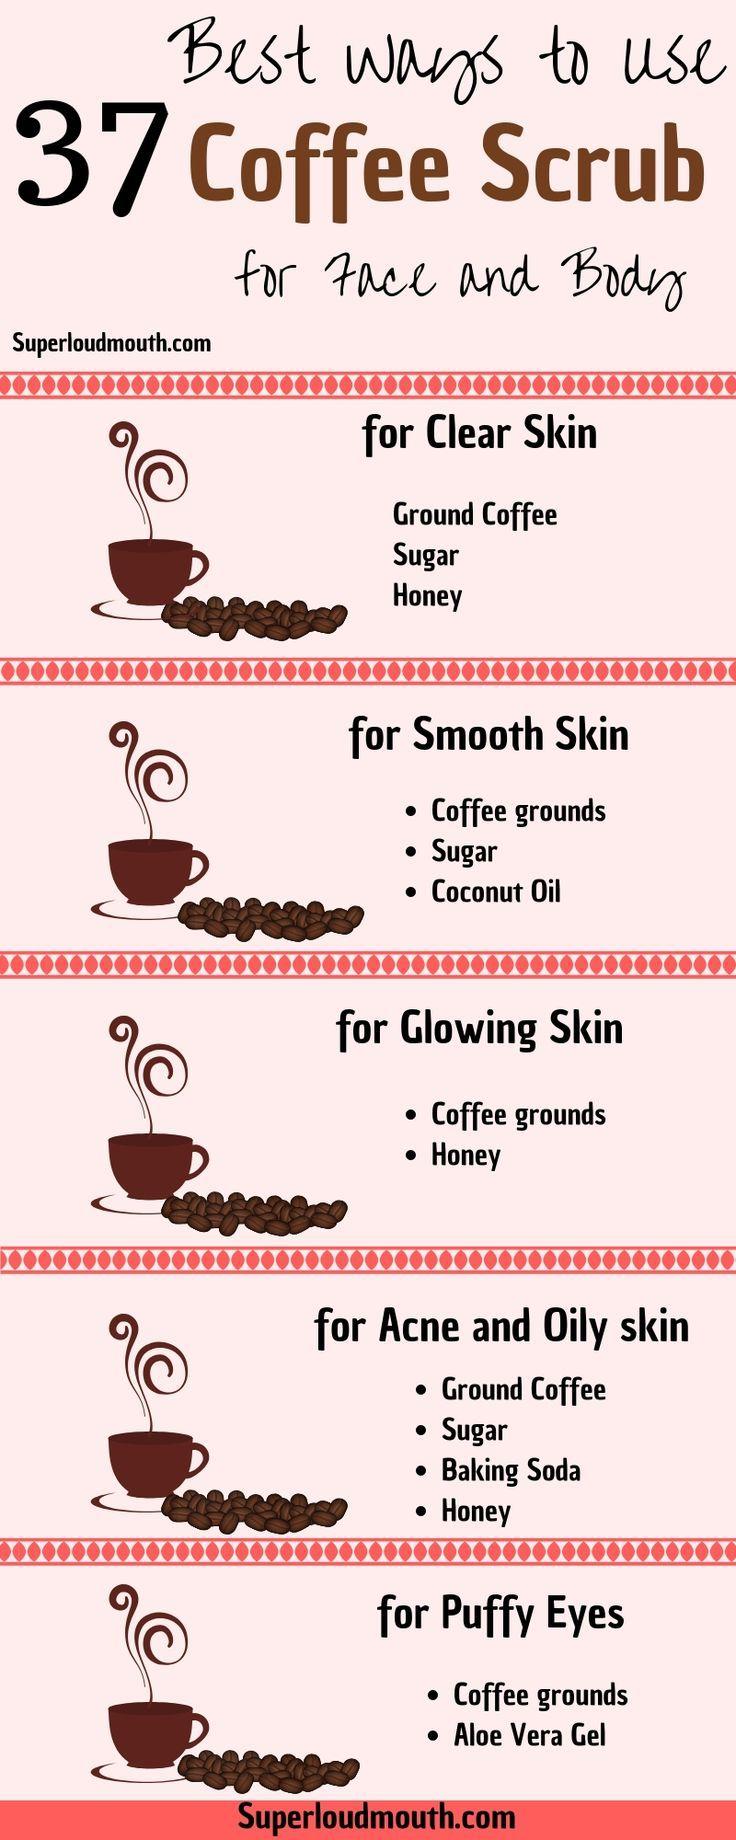 37 Diy Coffee Scrub Rezepte für ein schönes Gesicht, Körper und Cellulite